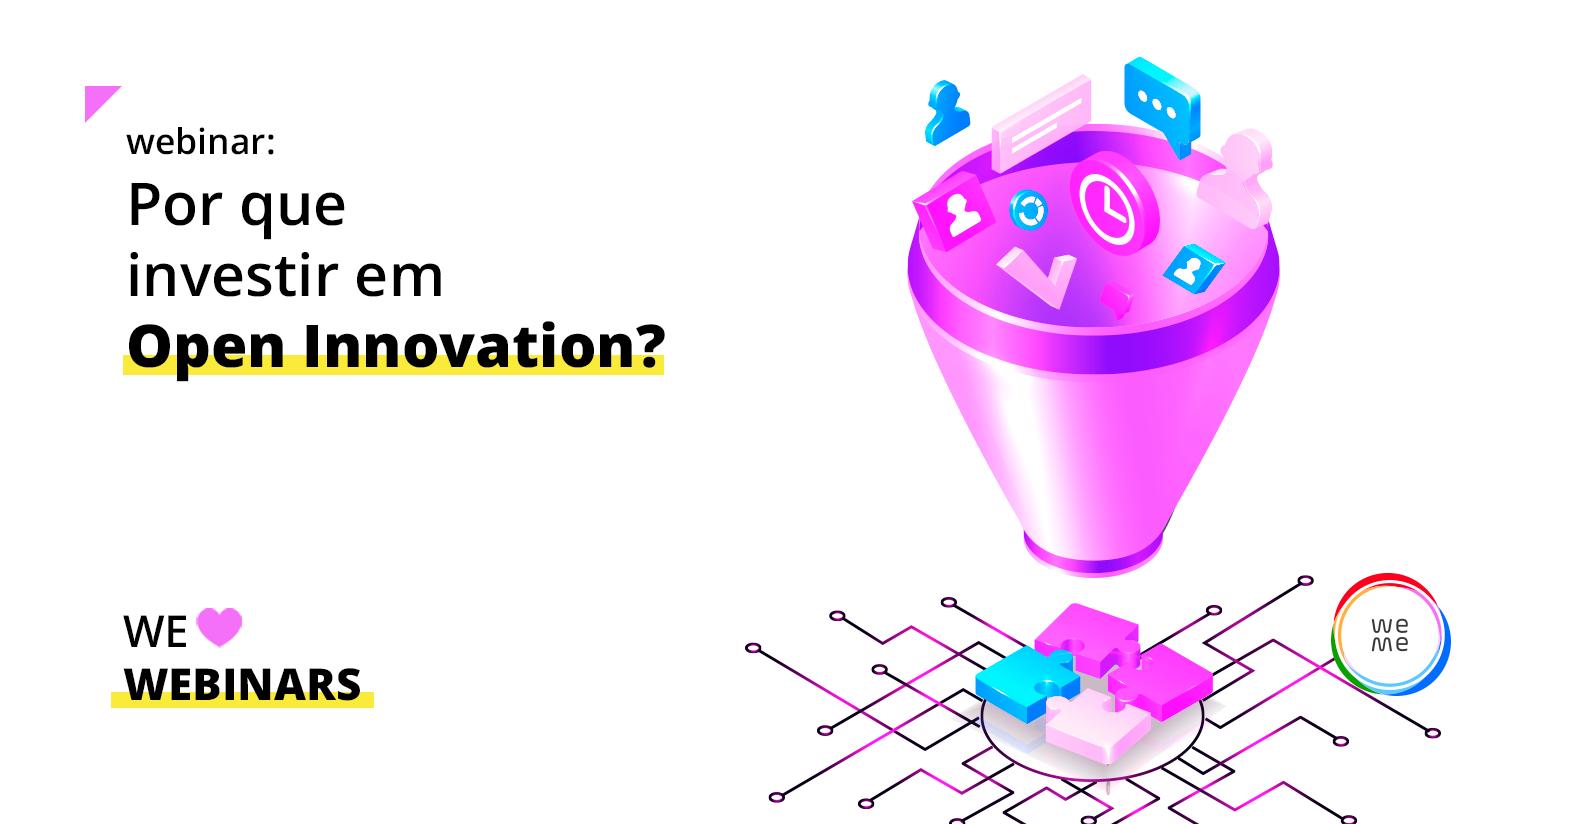 Por que investir em Open Innovation?